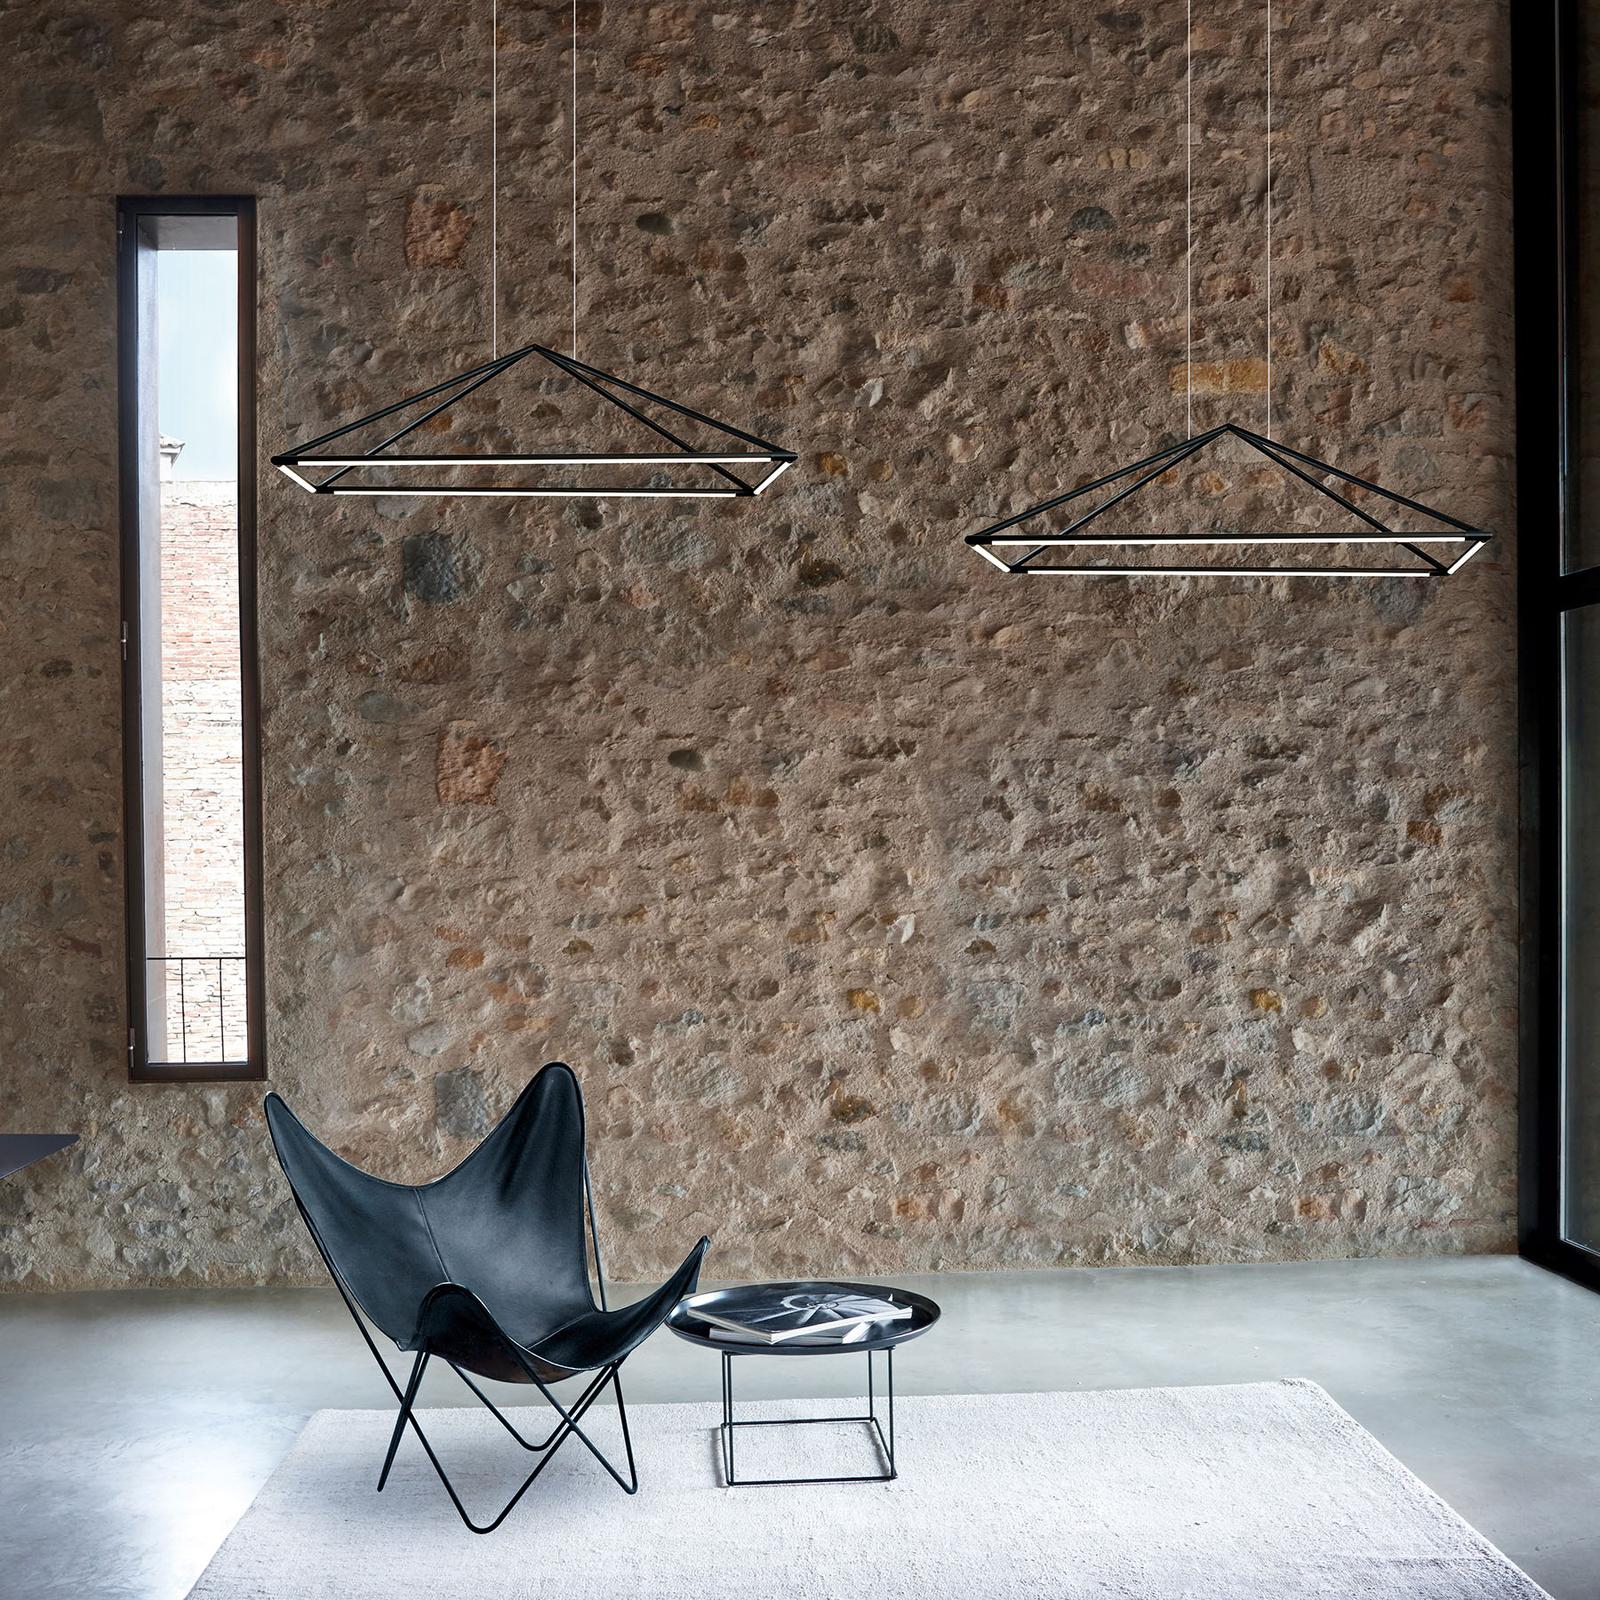 Grok Tubs LED hanglamp in mat-zwart 90x60 cm